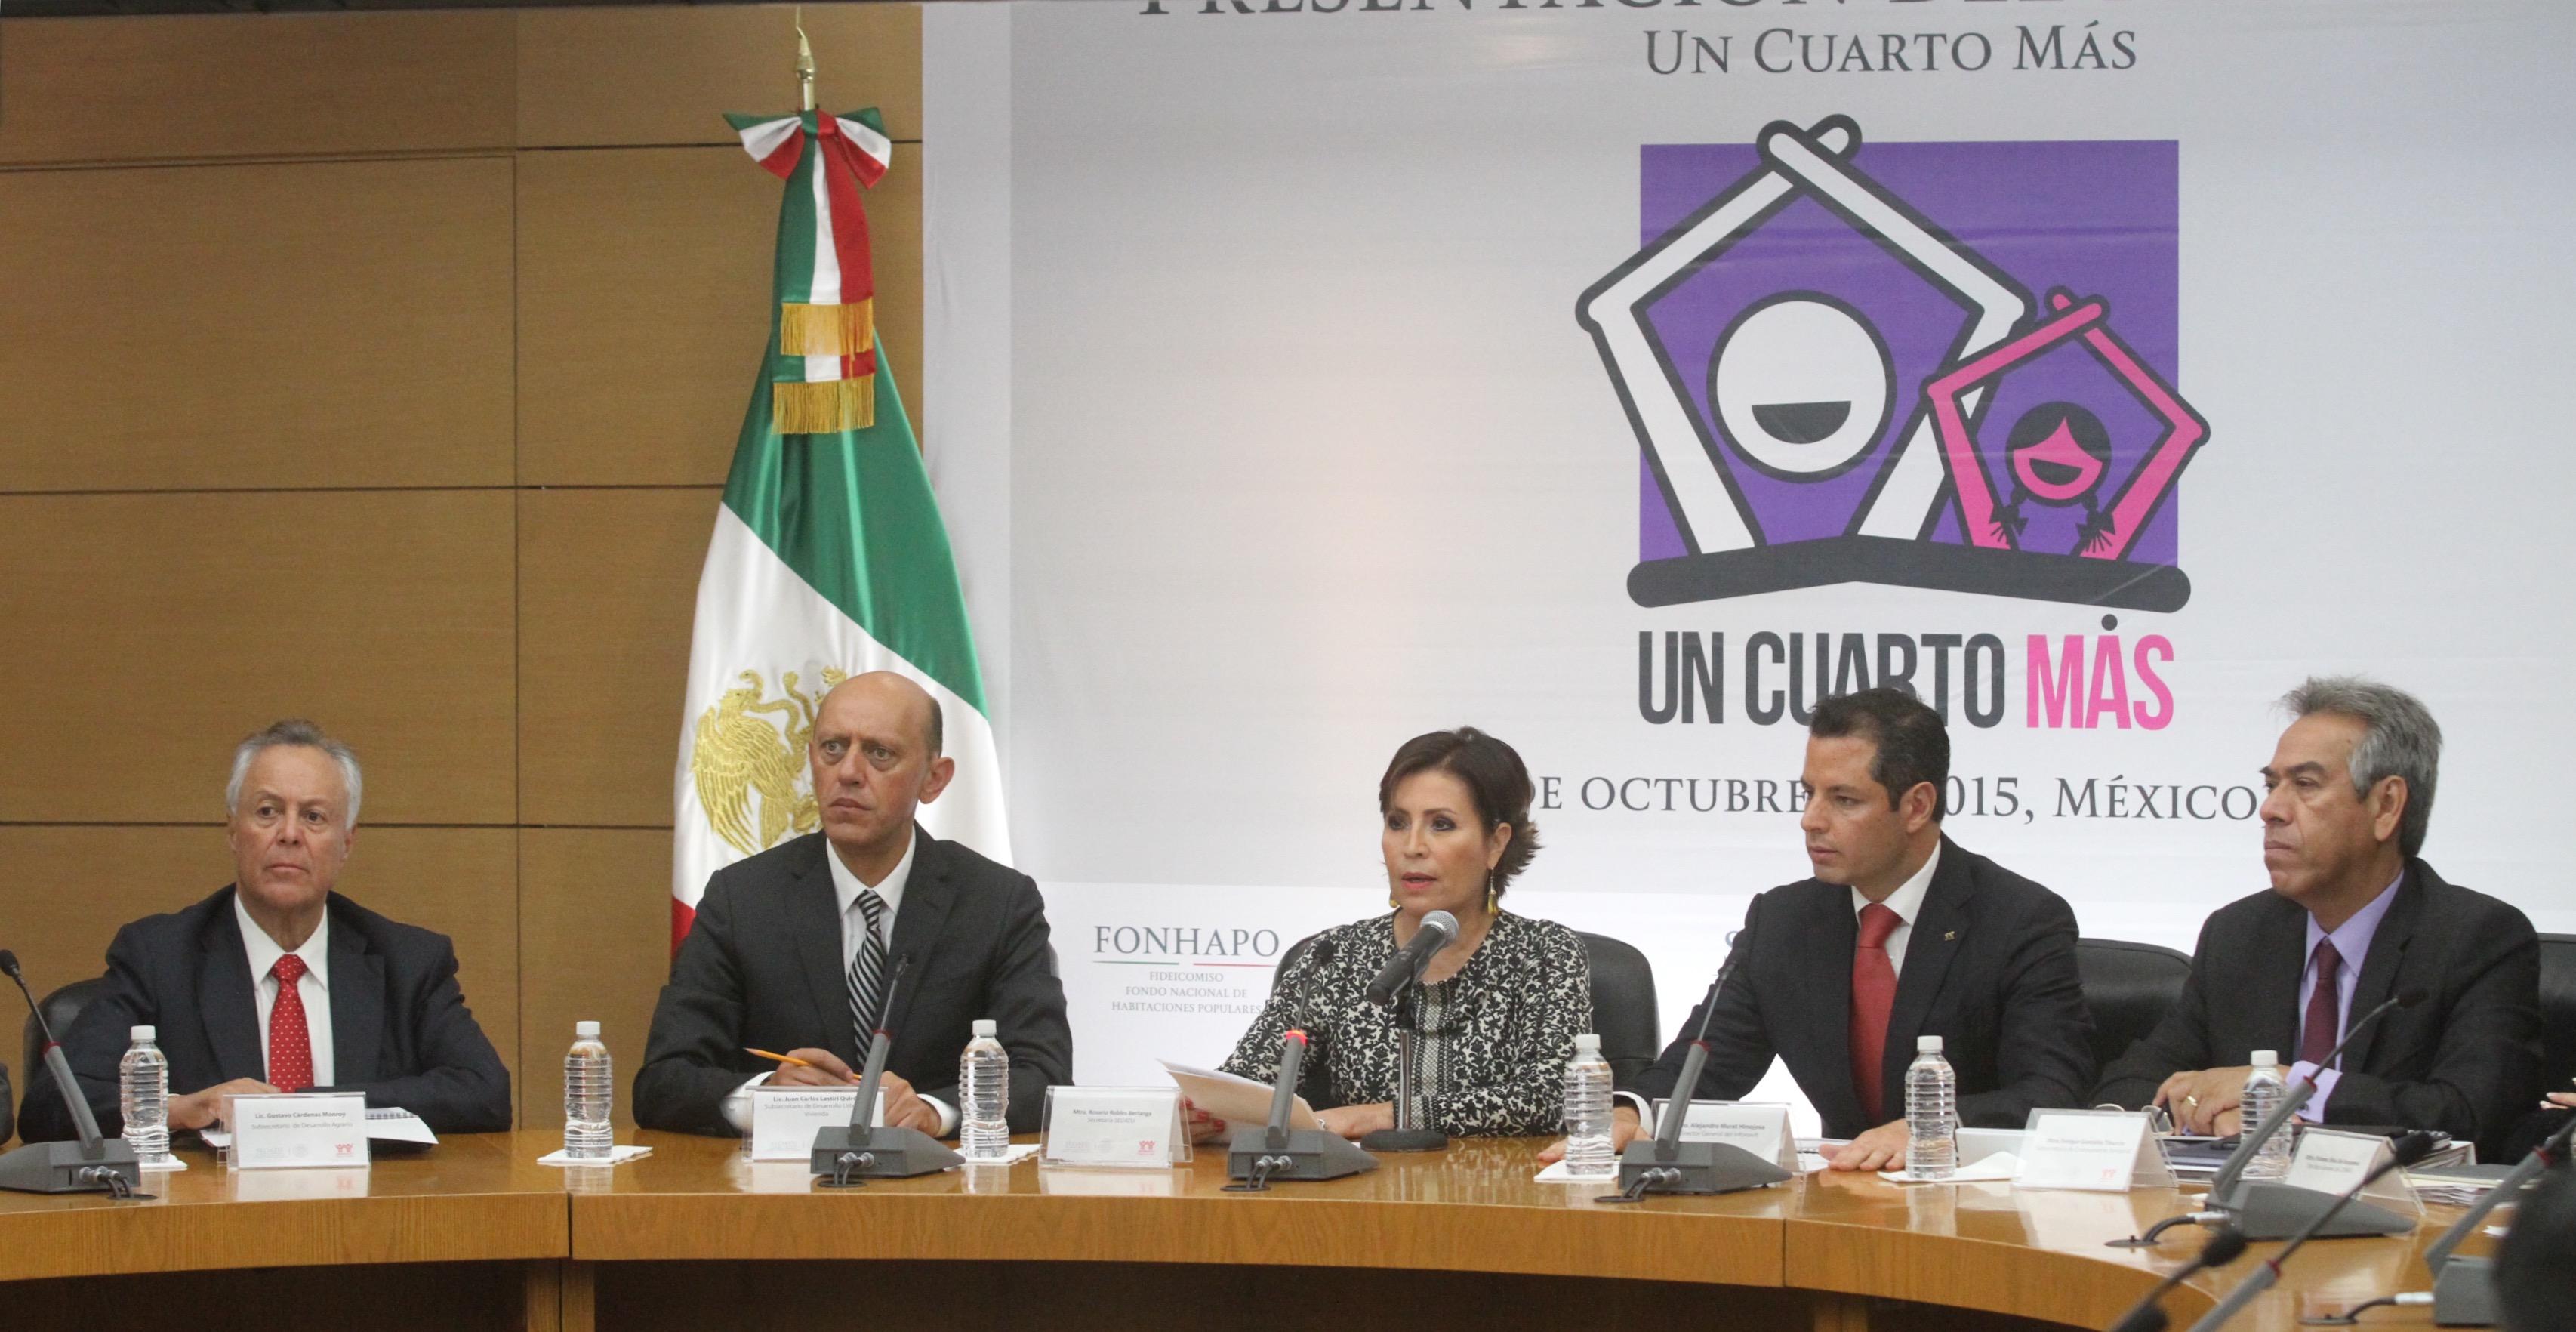 La Titular de SEDATU, Rosario Robles Berlanga, se dirige a los representantes de los medios de comunicación, acompañada de los subsecretarios Juan Carlos Lastiri, de Desarrollo Urbano y Vivienda; y Enrique González Tiburcio, de Ordenamiento Territorial.